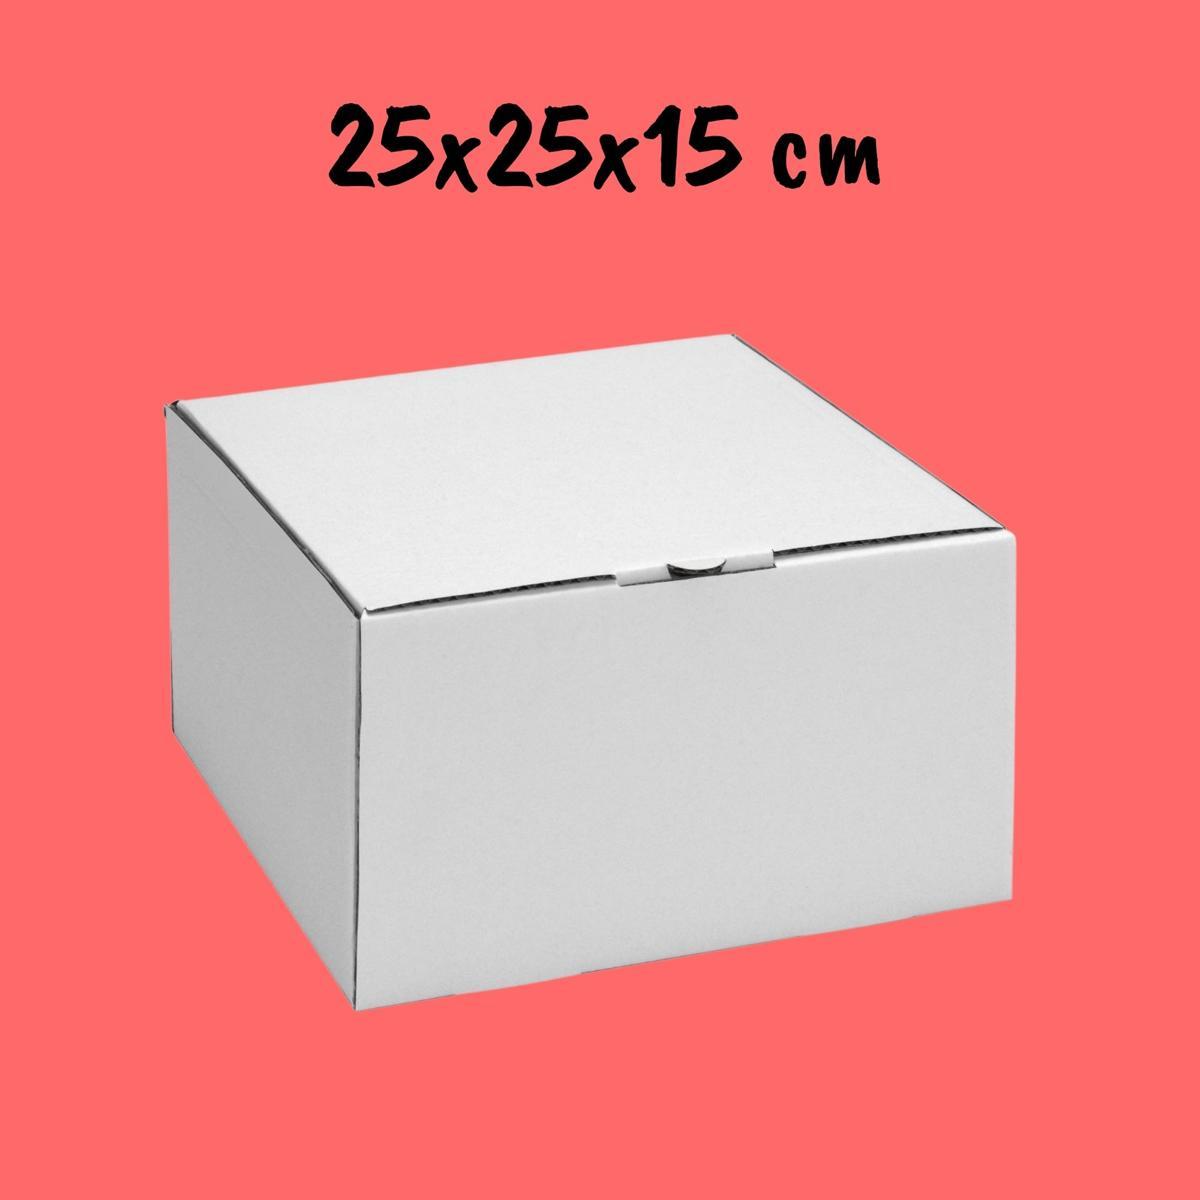 Caixa Para Bolo 25x25x15cm - Pacote com 25 unidades